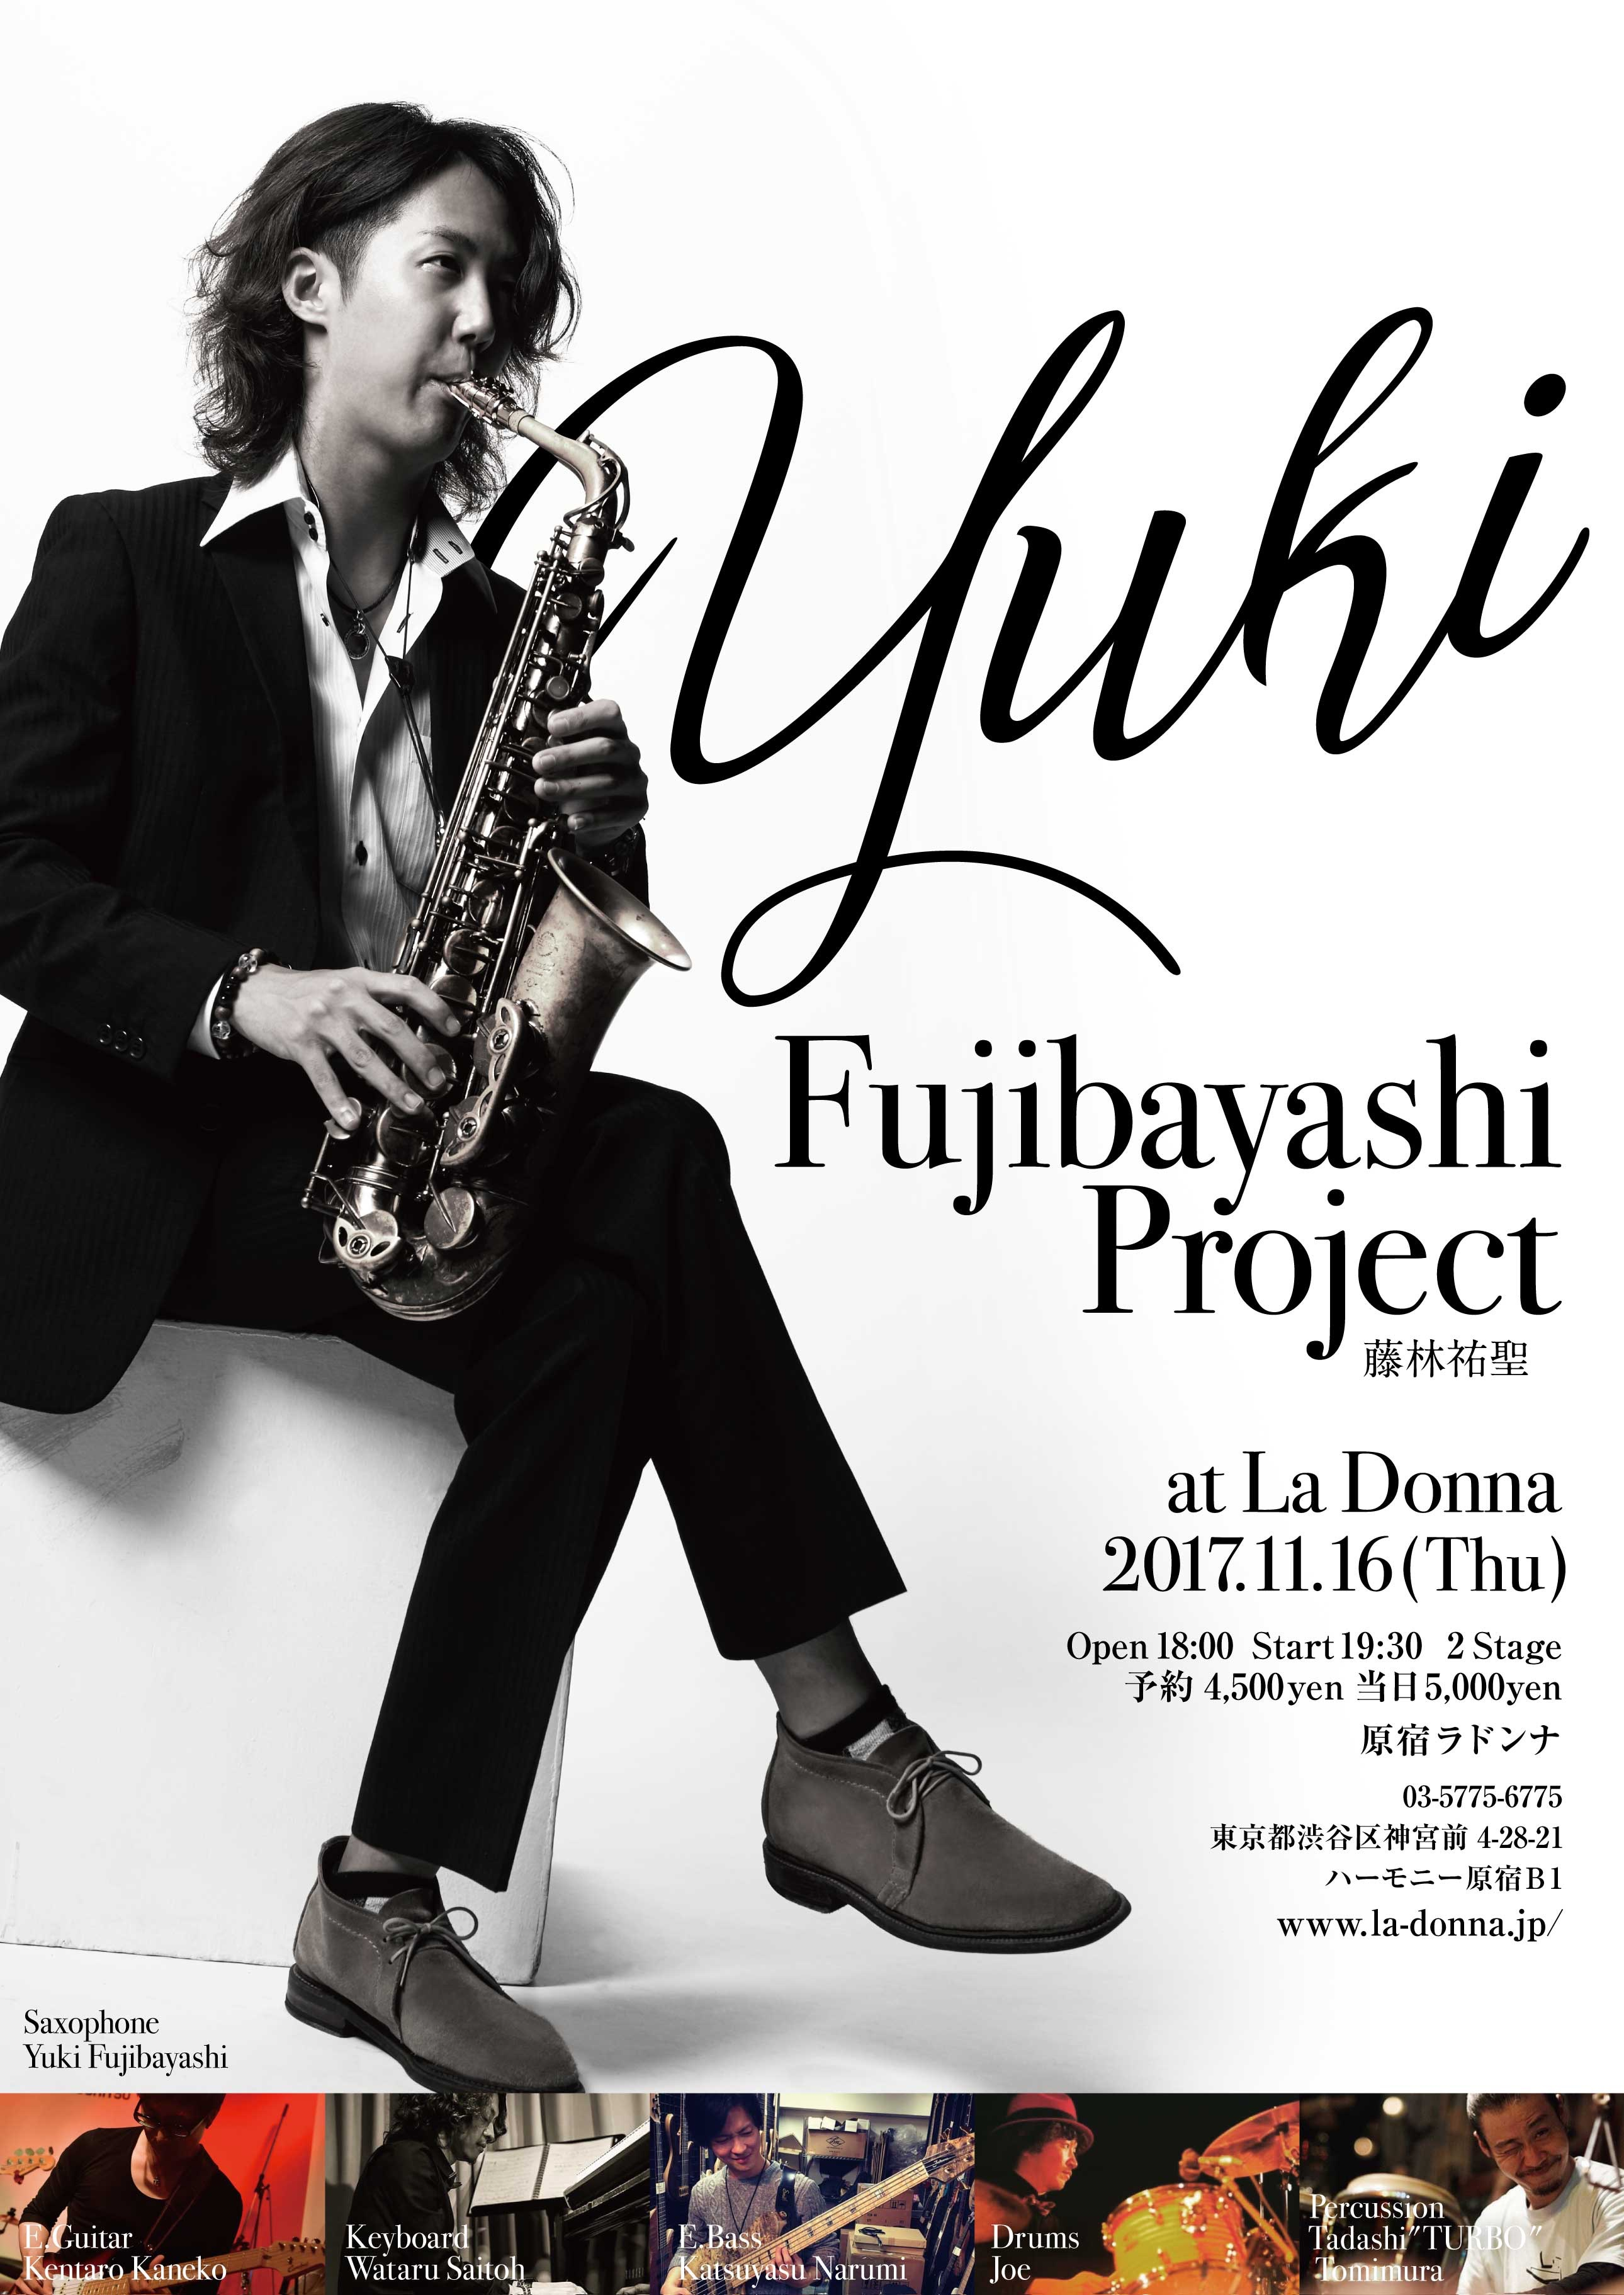 Yuki Fujibayashi Project